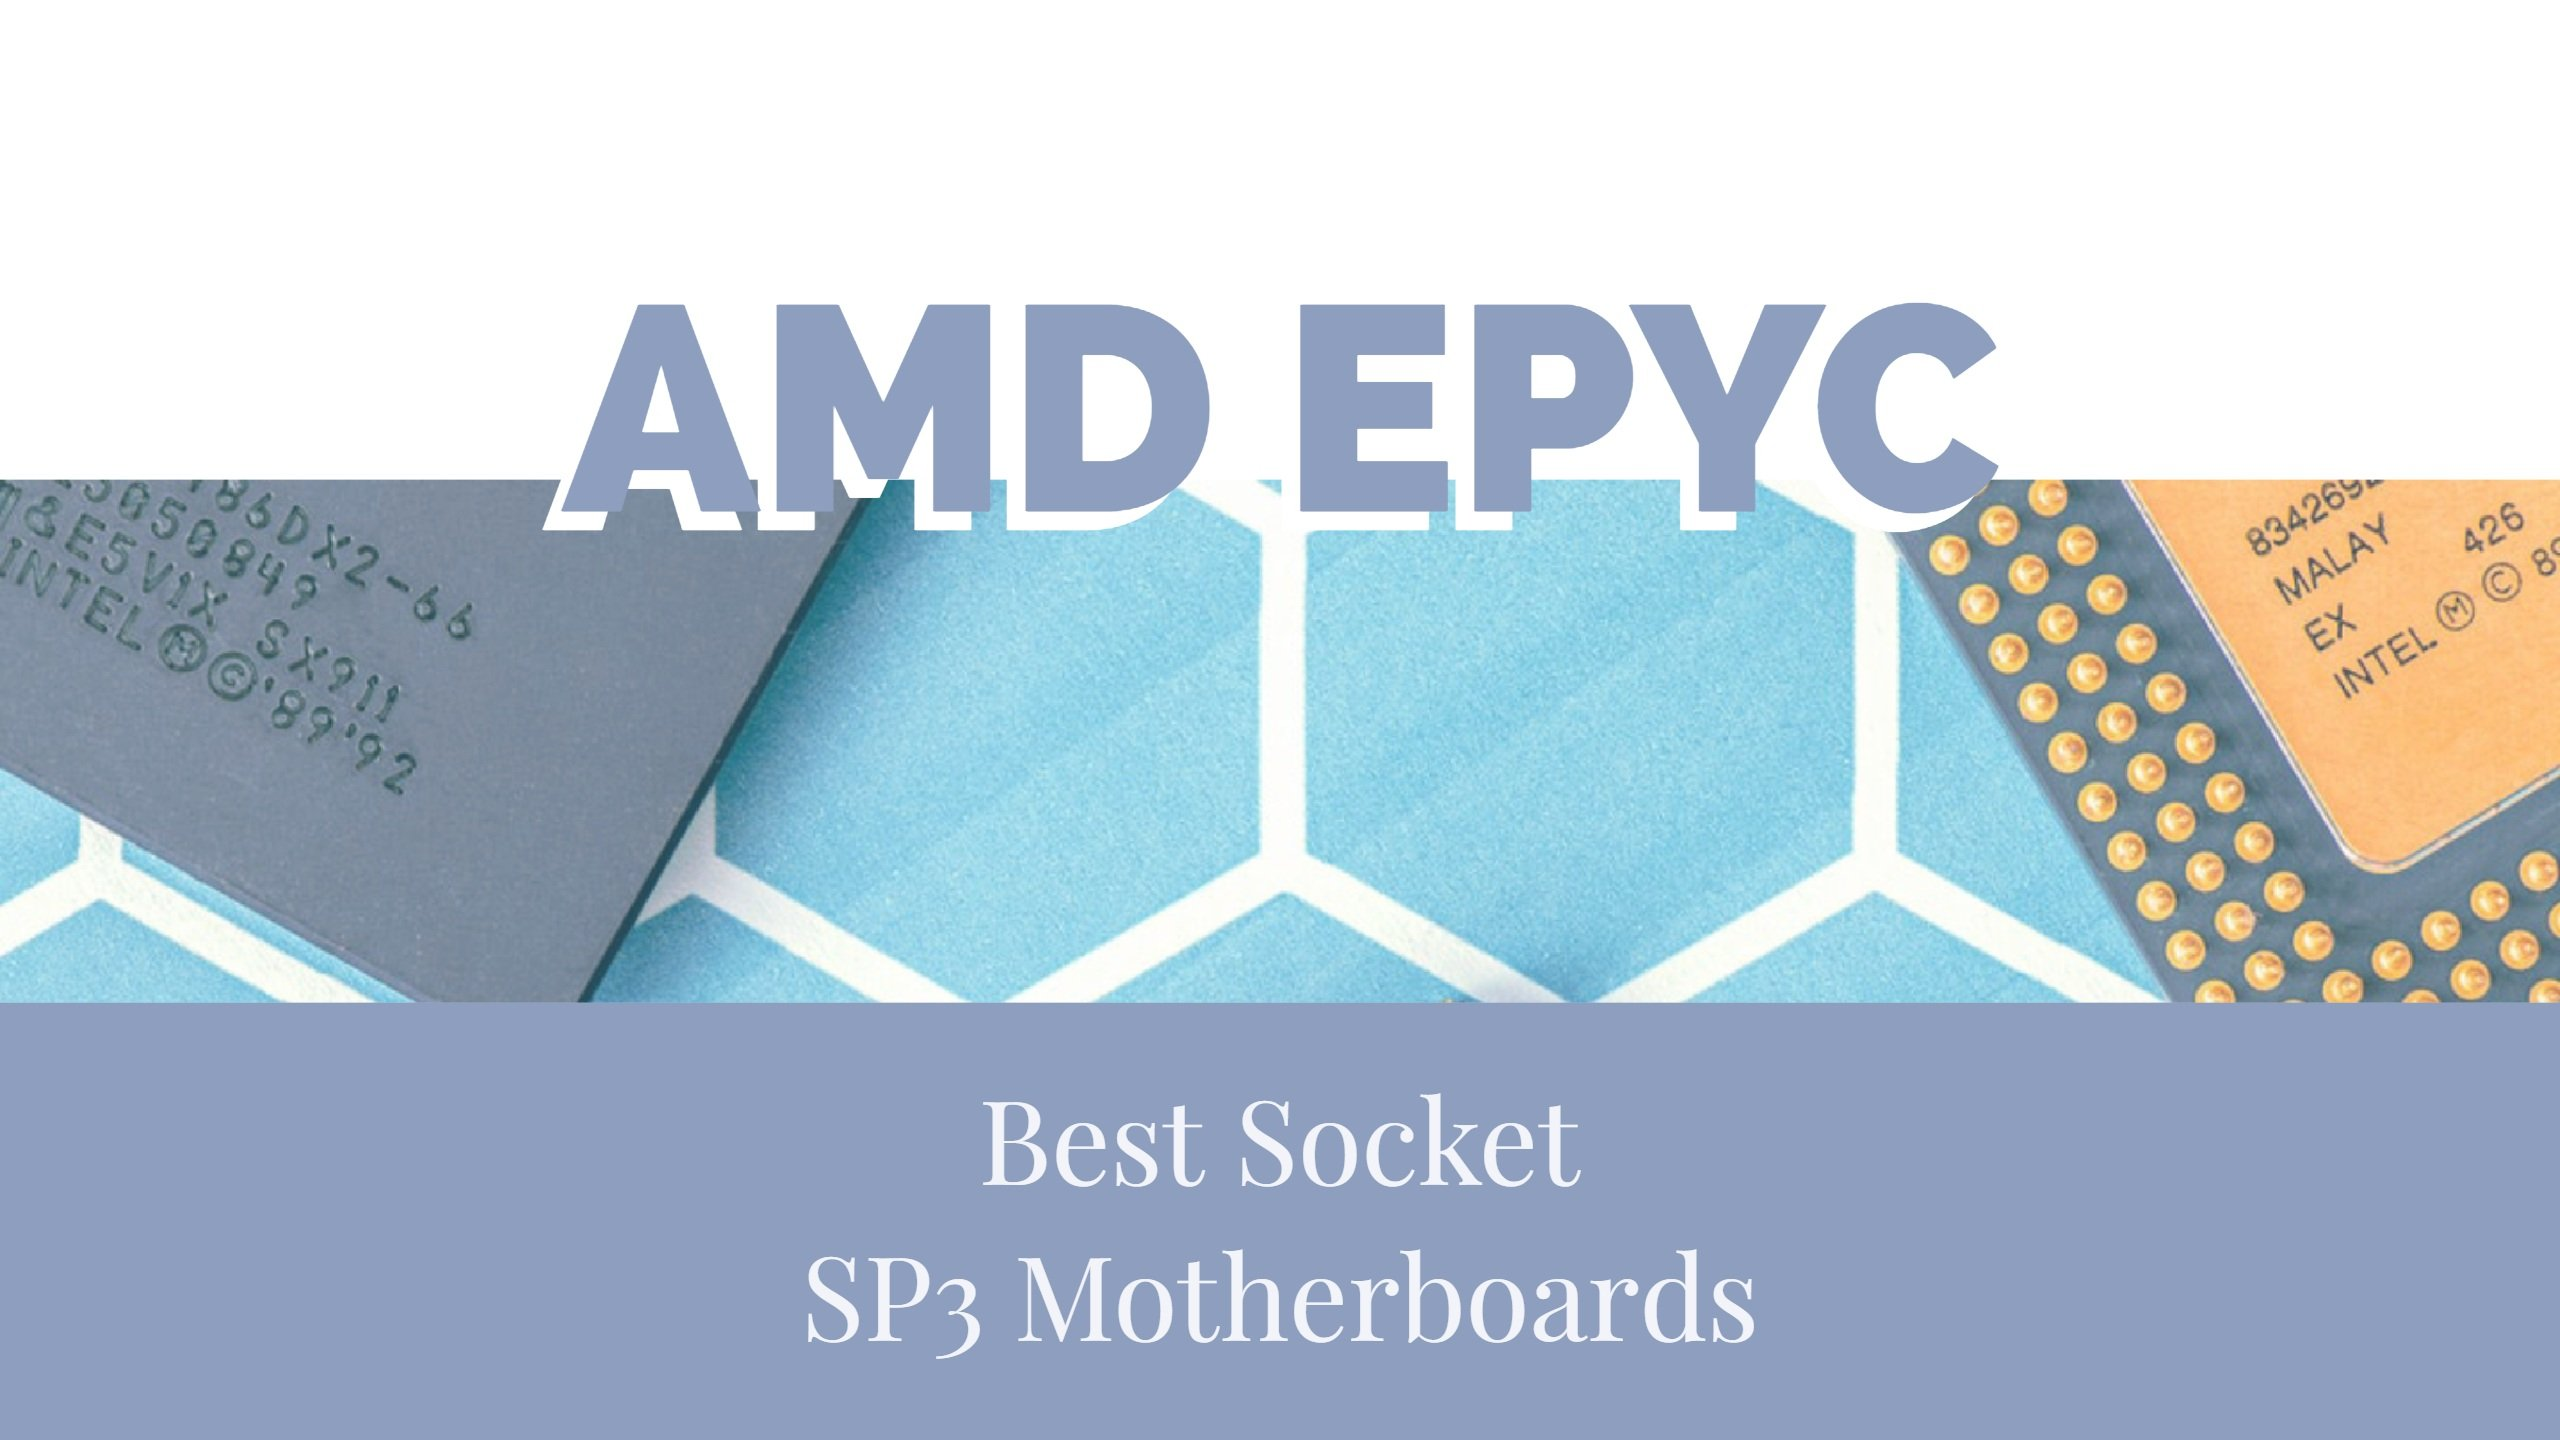 Best Socket SP3 Motherboards